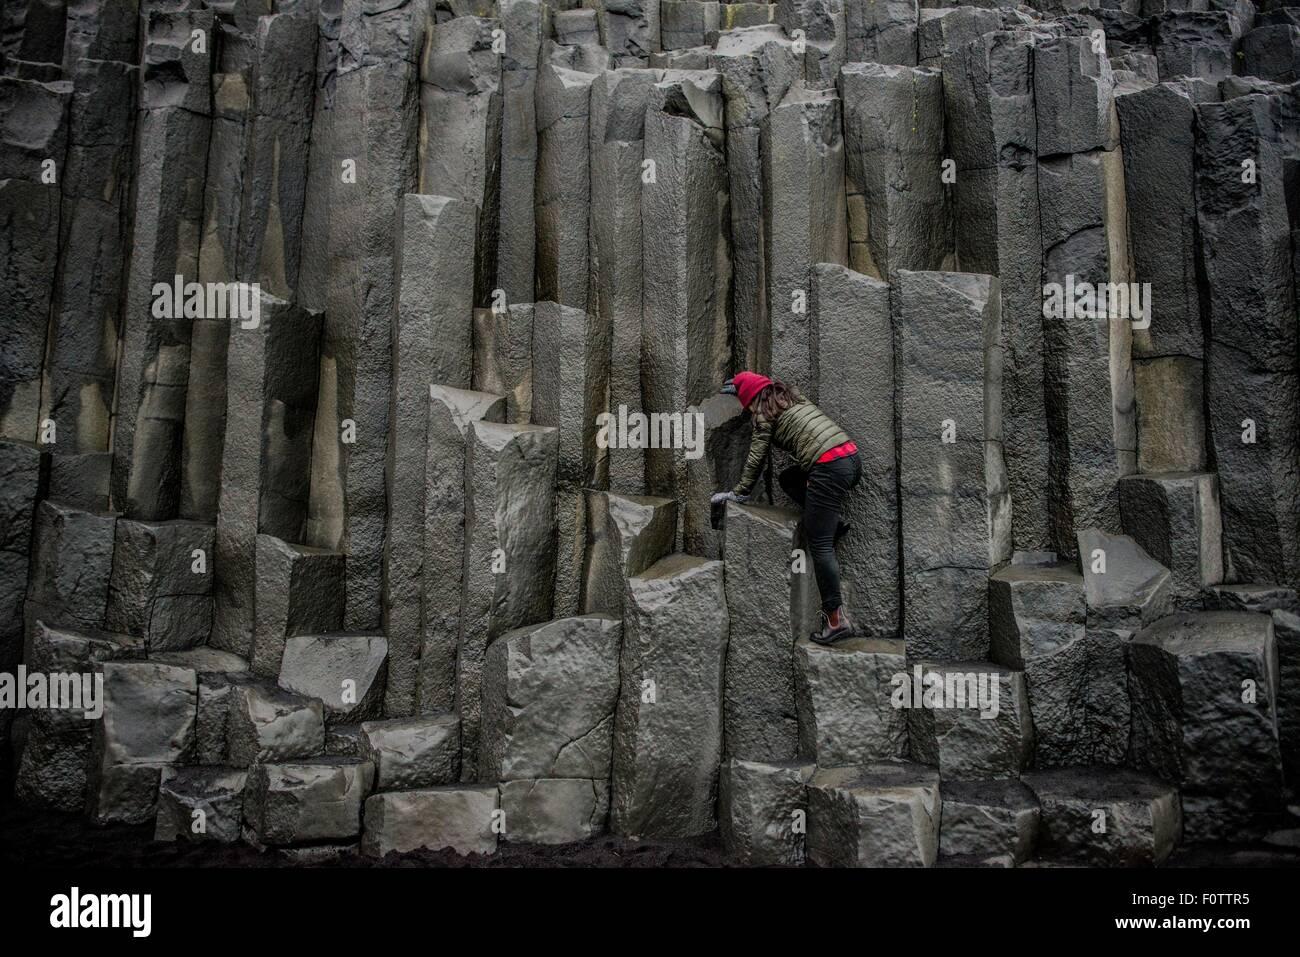 Mujeres turistas subiendo hasta la formación rocosa, Reynisfjara, Islandia Imagen De Stock